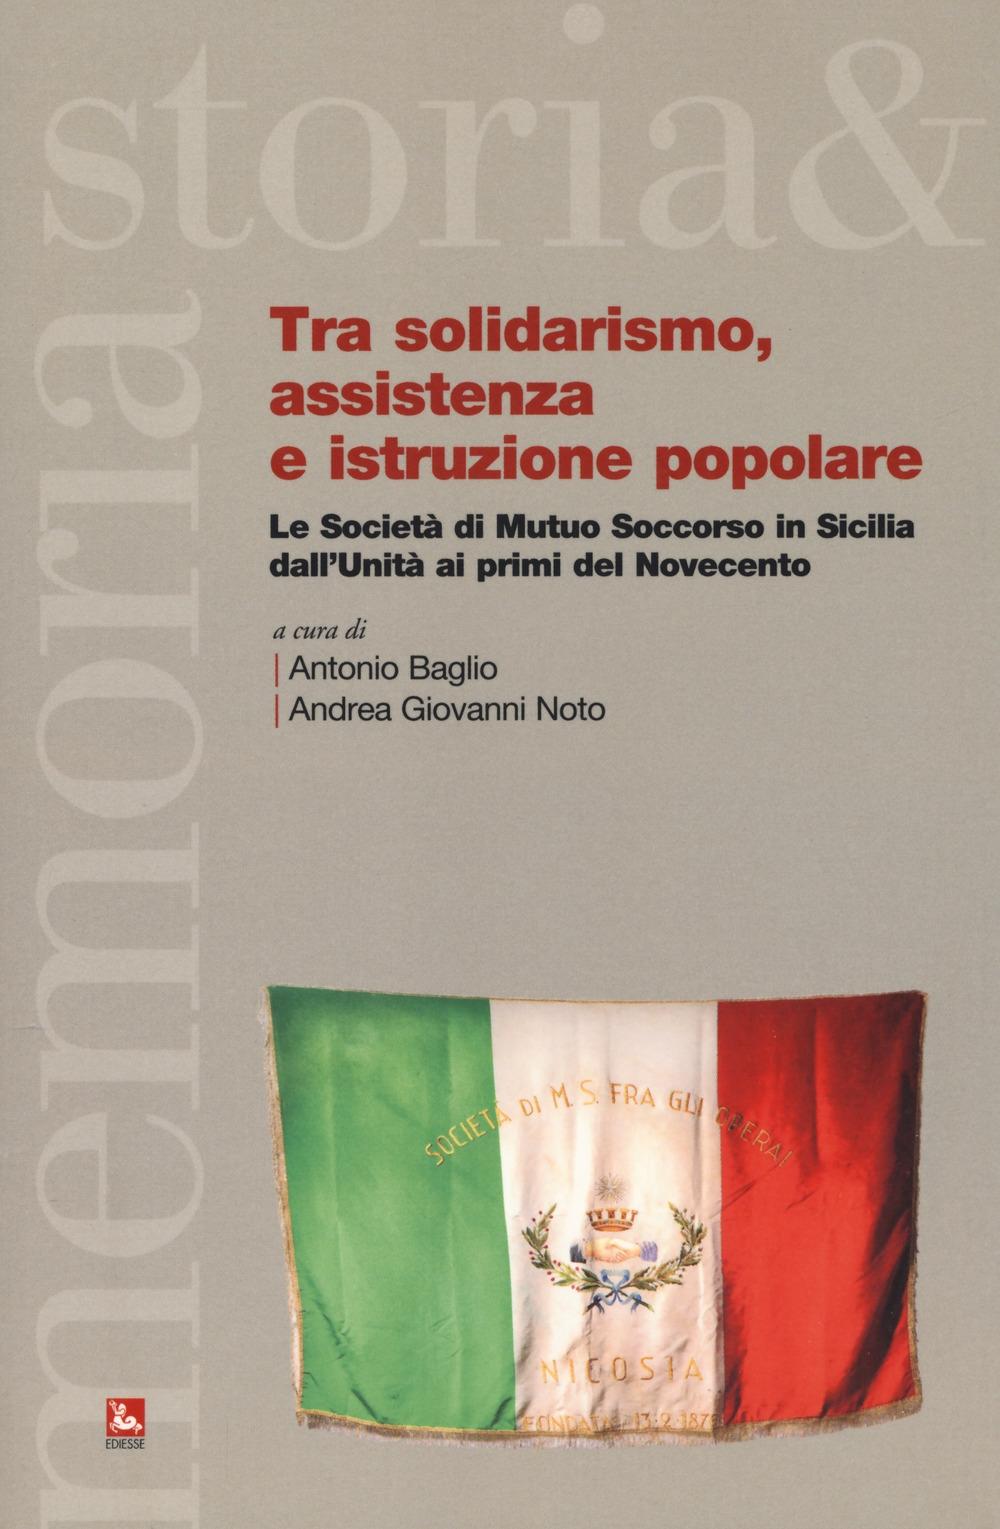 Tra solidarismo, assistenza e istruzione popolare. Le Società di Mutuo Soccorso in Sicilia dall'Unità ai primi del Novecento